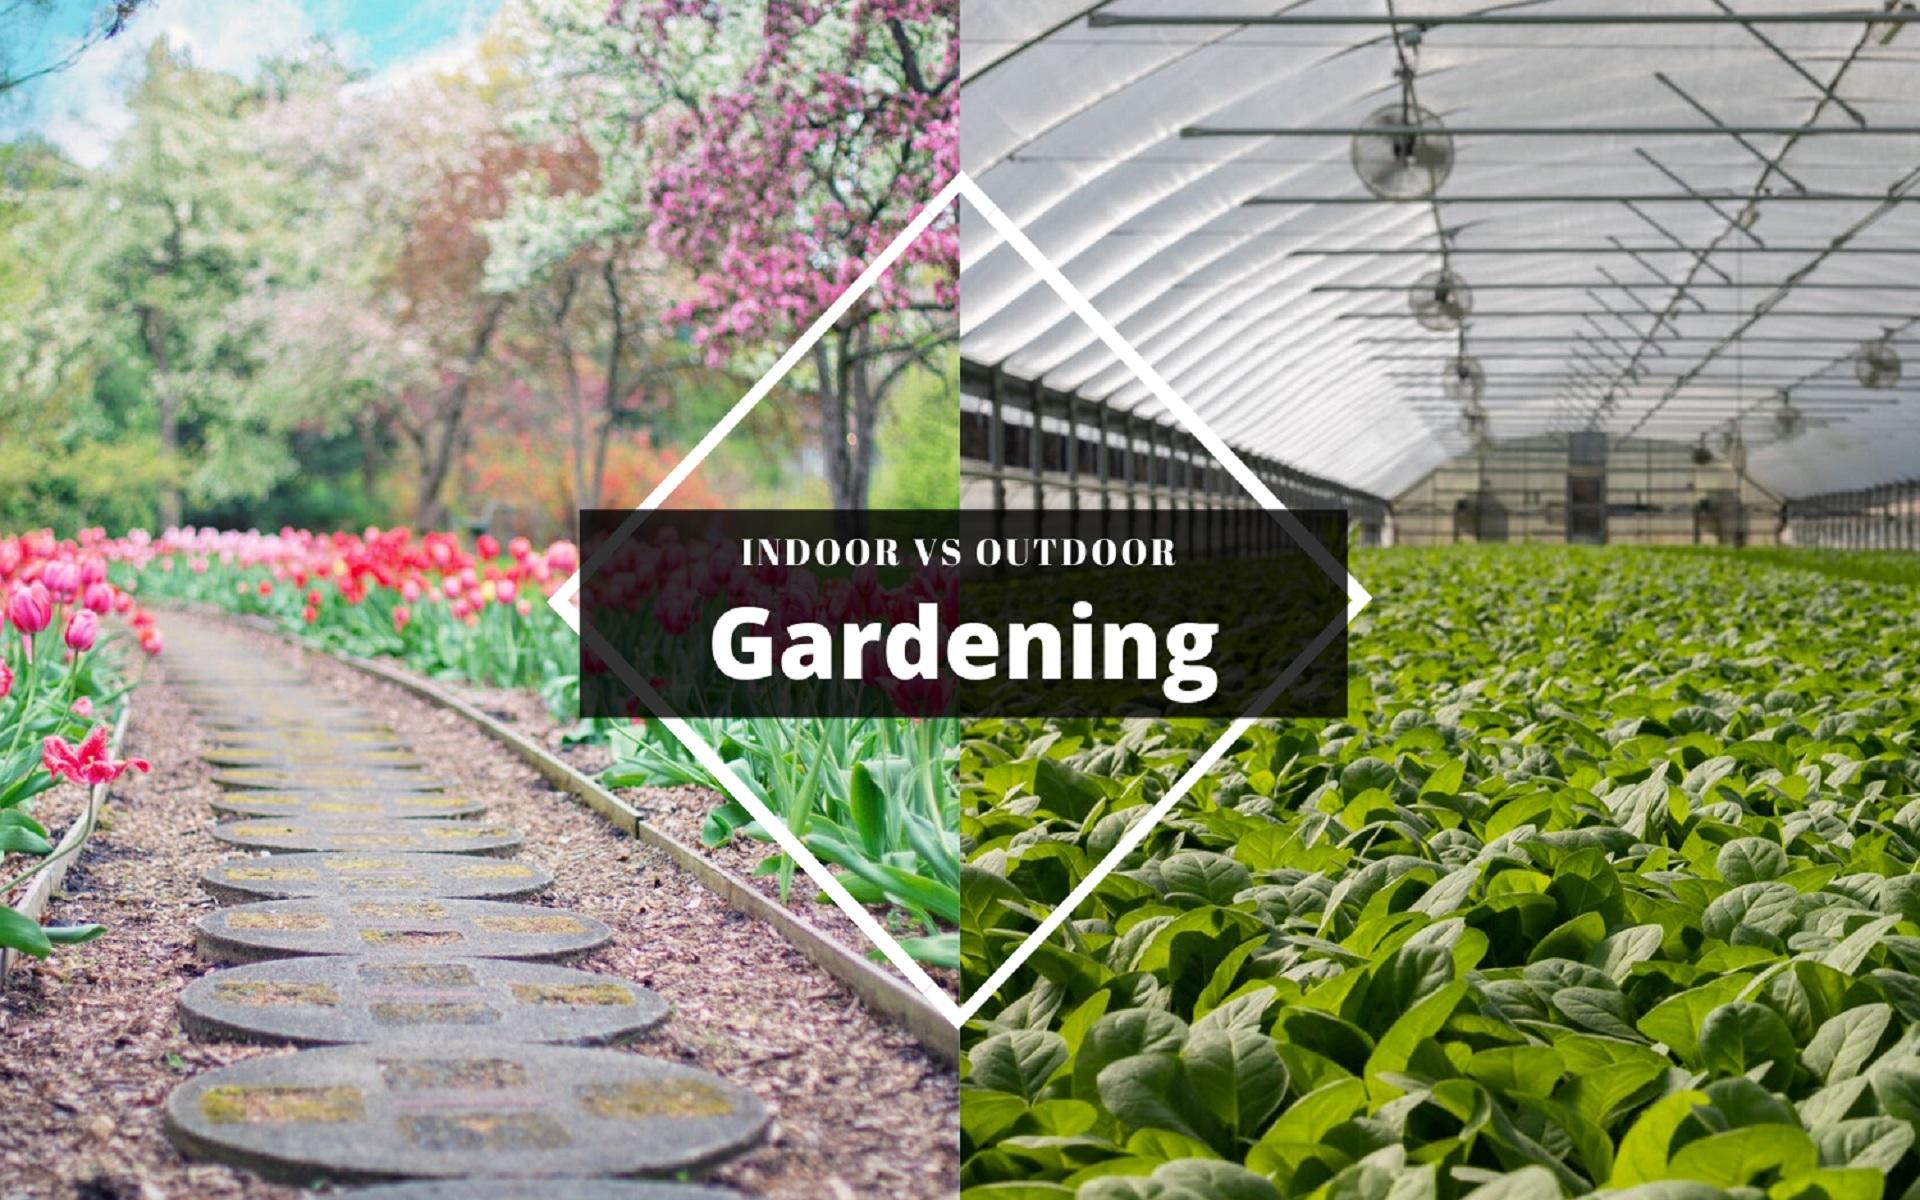 9 Benefits of Indoor Gardening over Outdoor Gardening